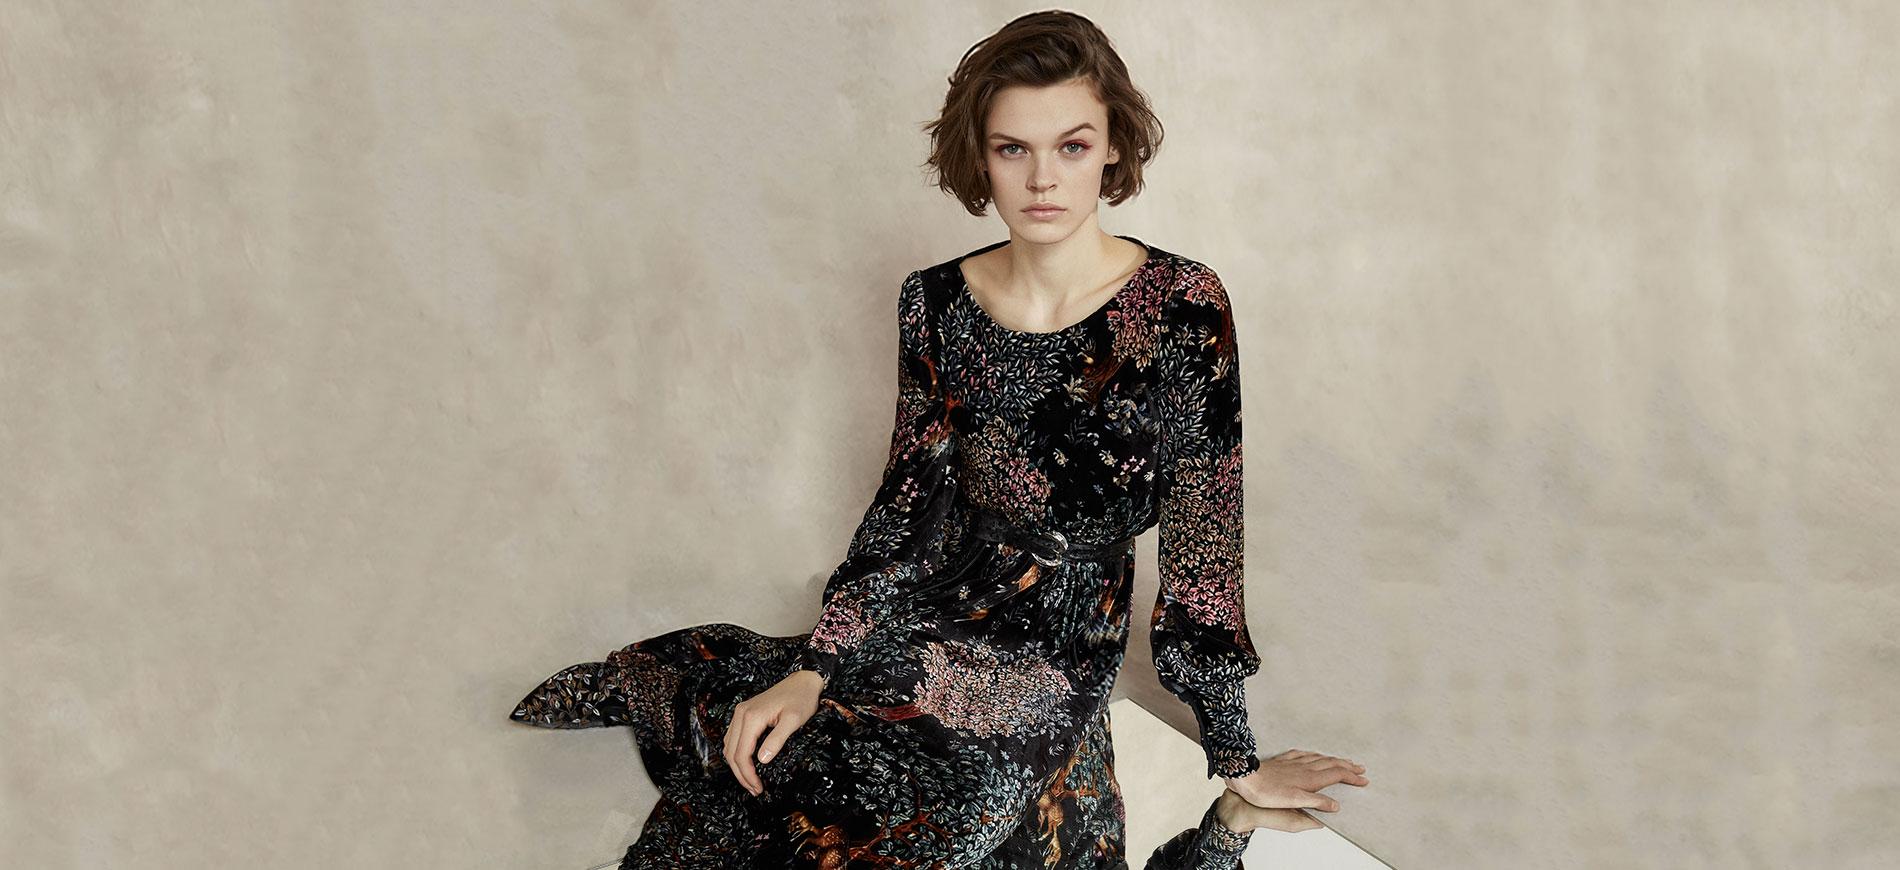 Pre-Fall 2018 - modella con abito a fiori